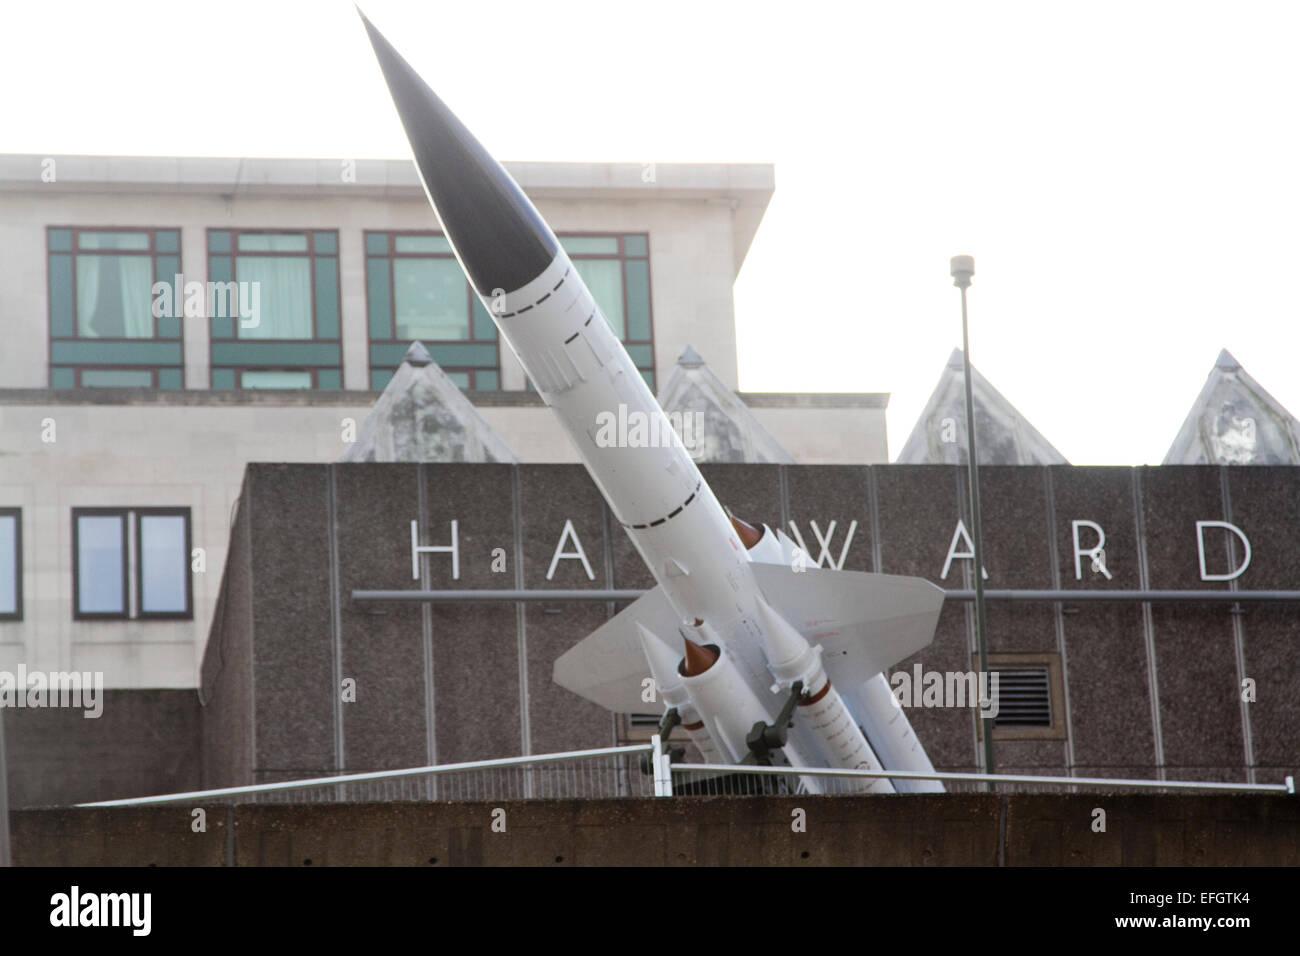 Londra, Regno Unito. 4 febbraio 2015. Una guerra fredda bloodhound lanciamissili creato dall'artista Richard Immagini Stock